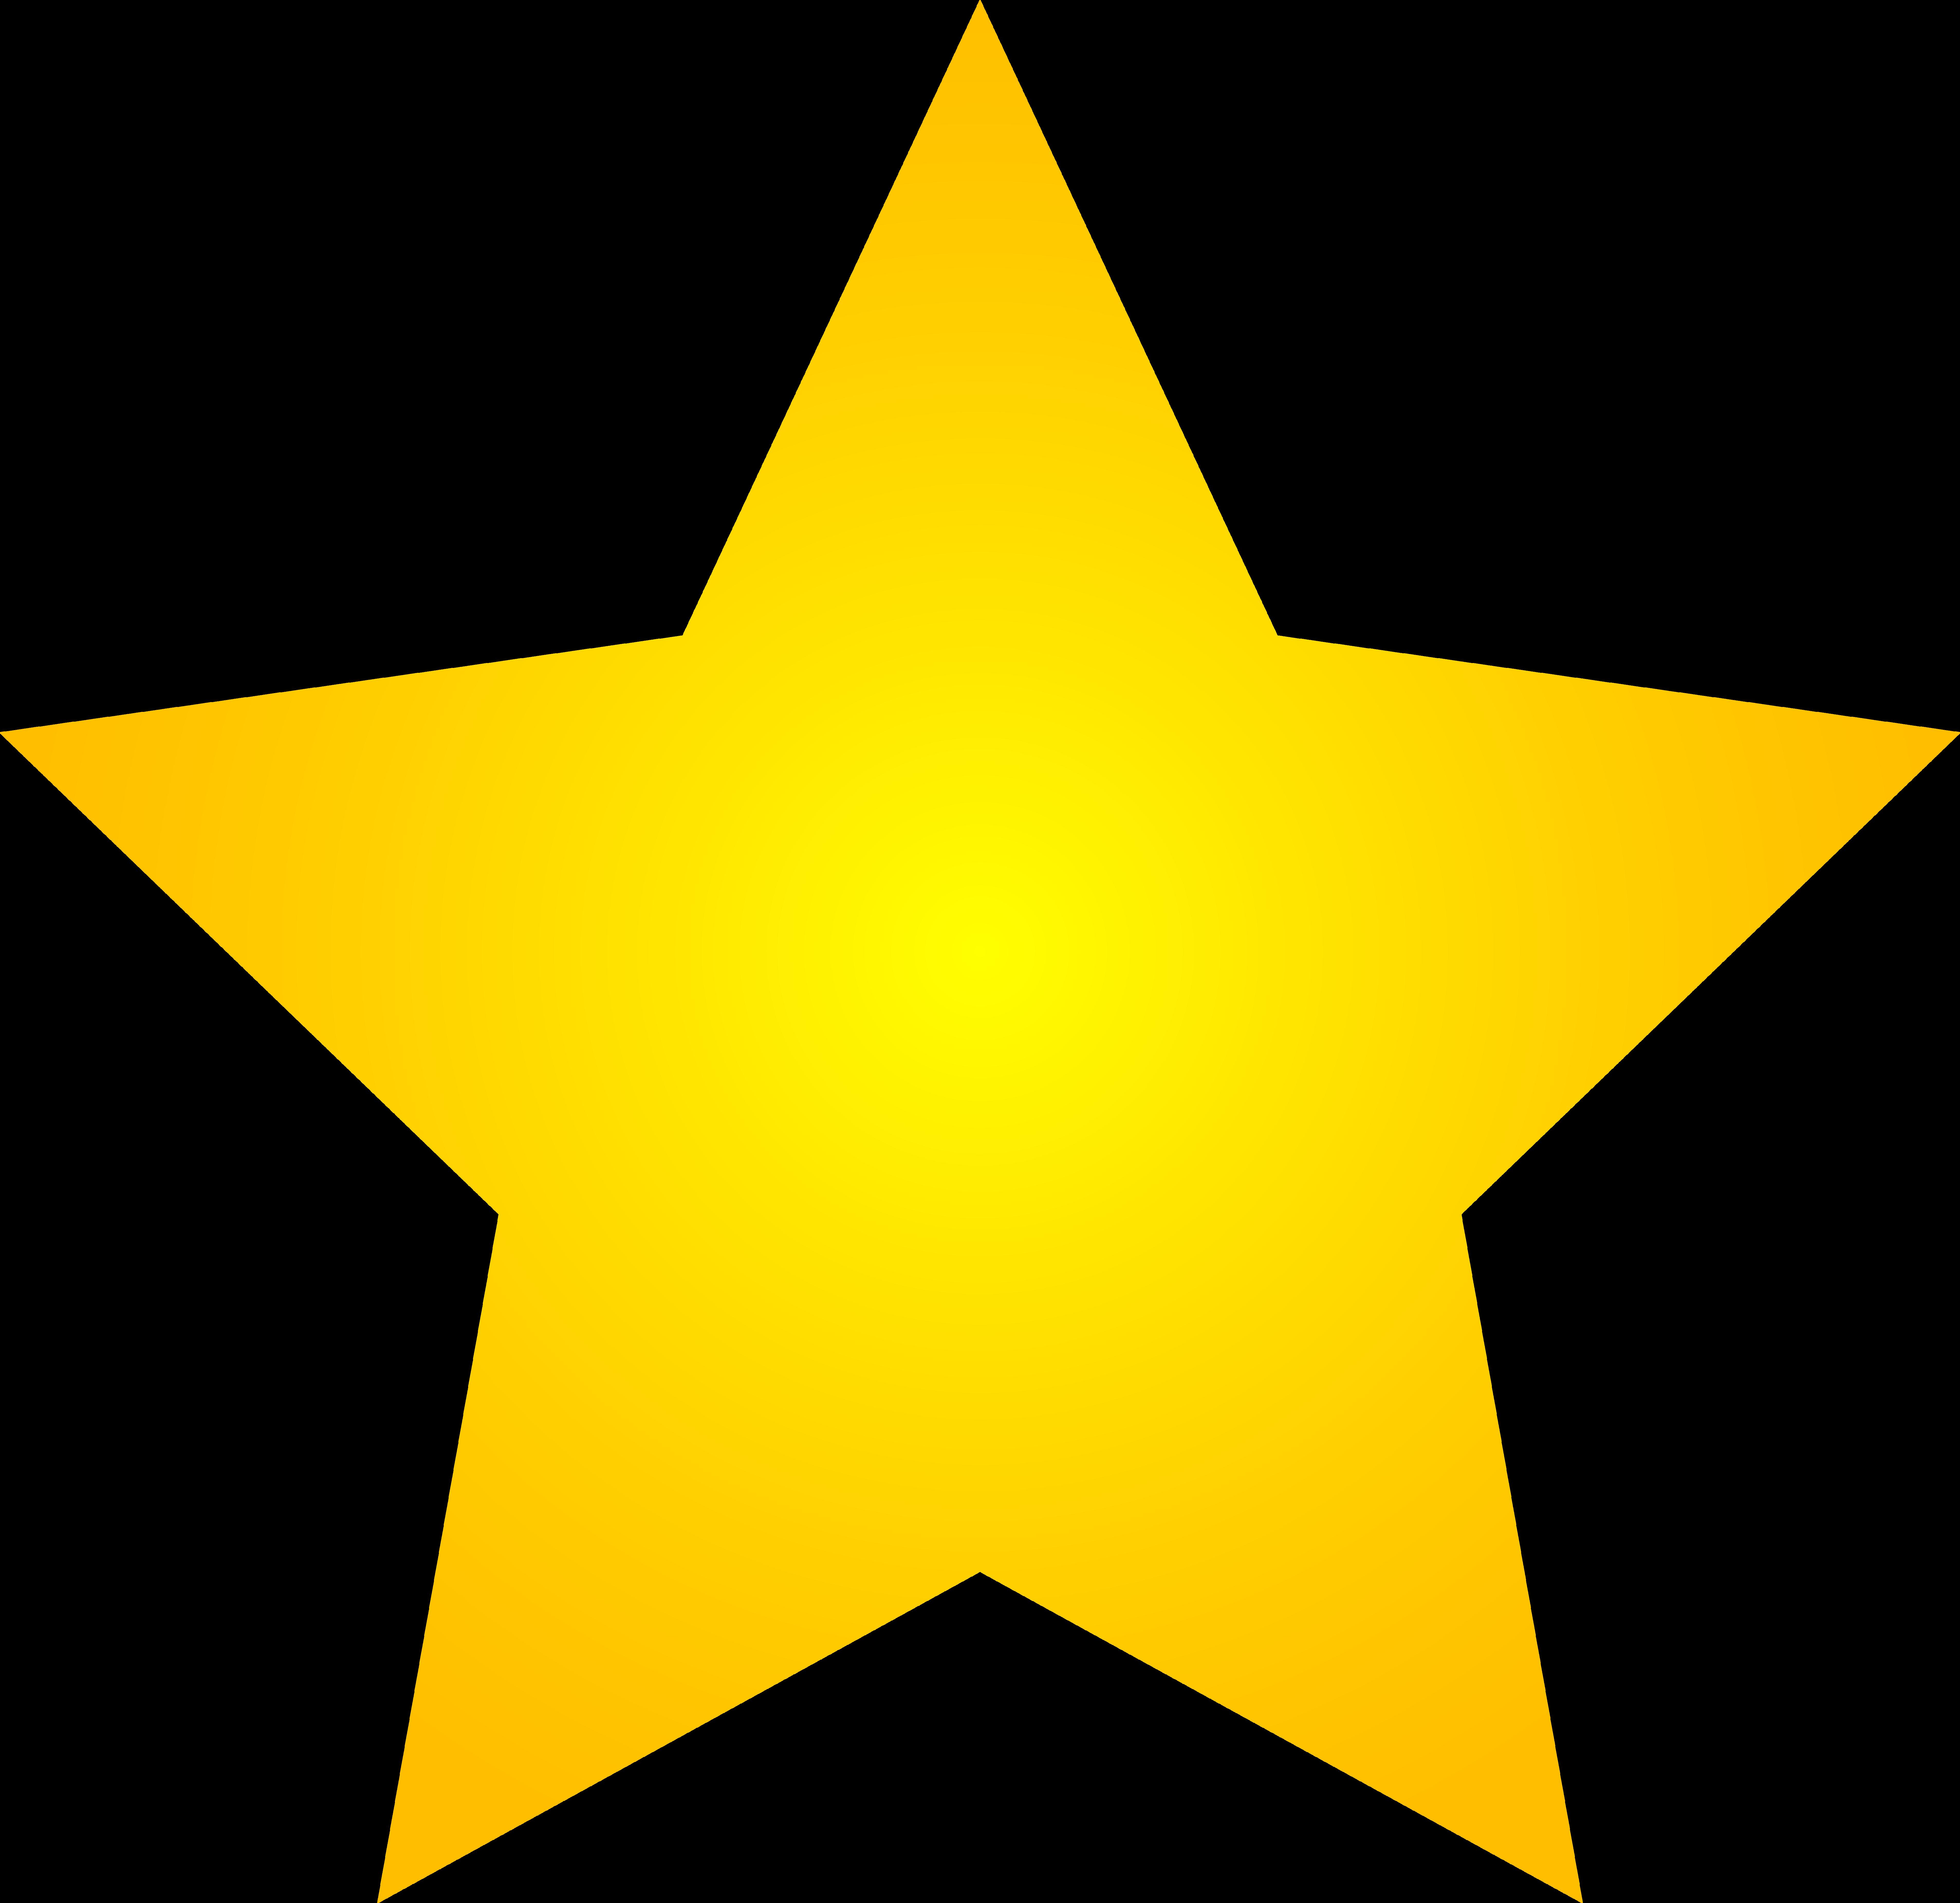 7628x7405 Golden Clipart All Star